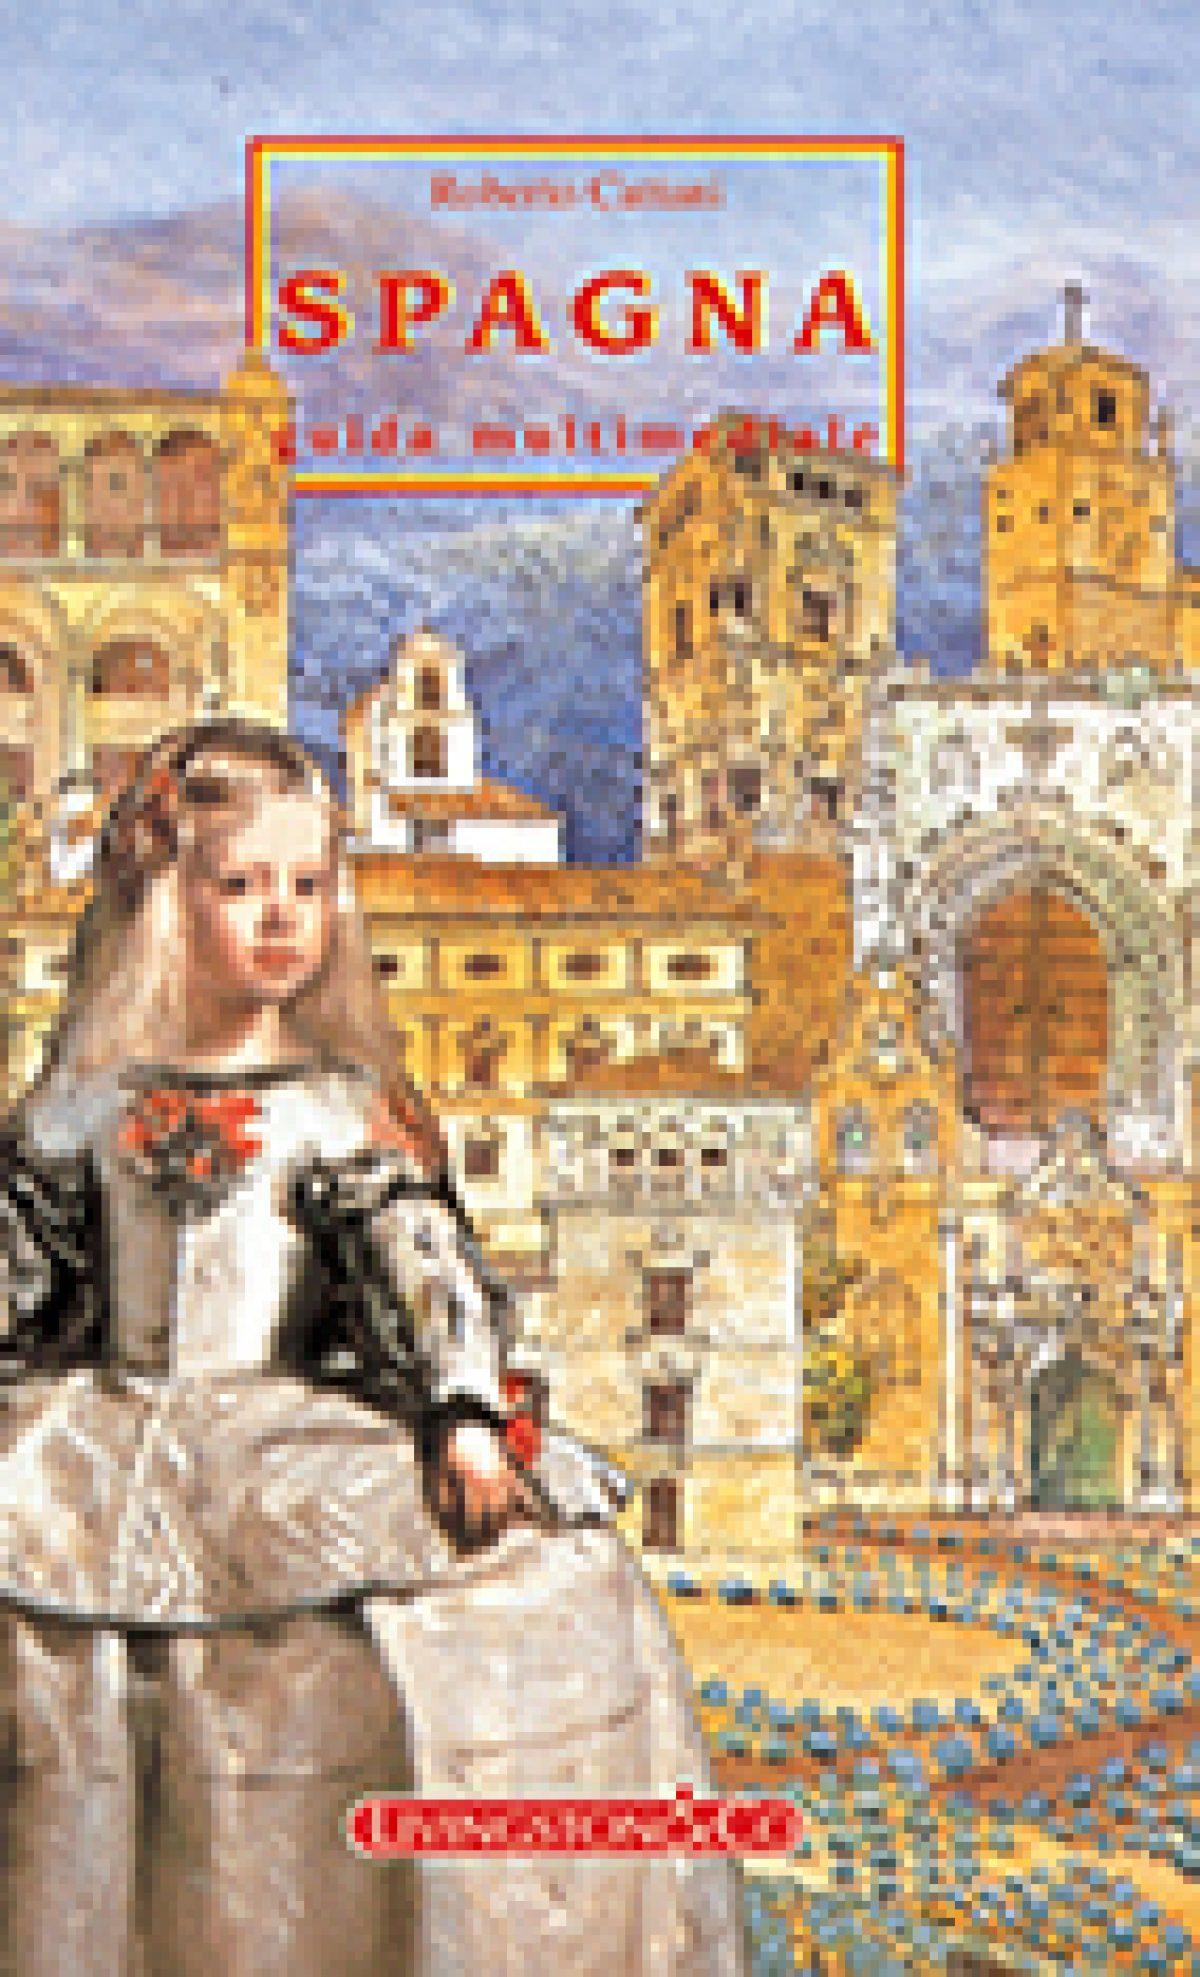 Nuova edizione della guida multimediale SPAGNA di Livingston & Co